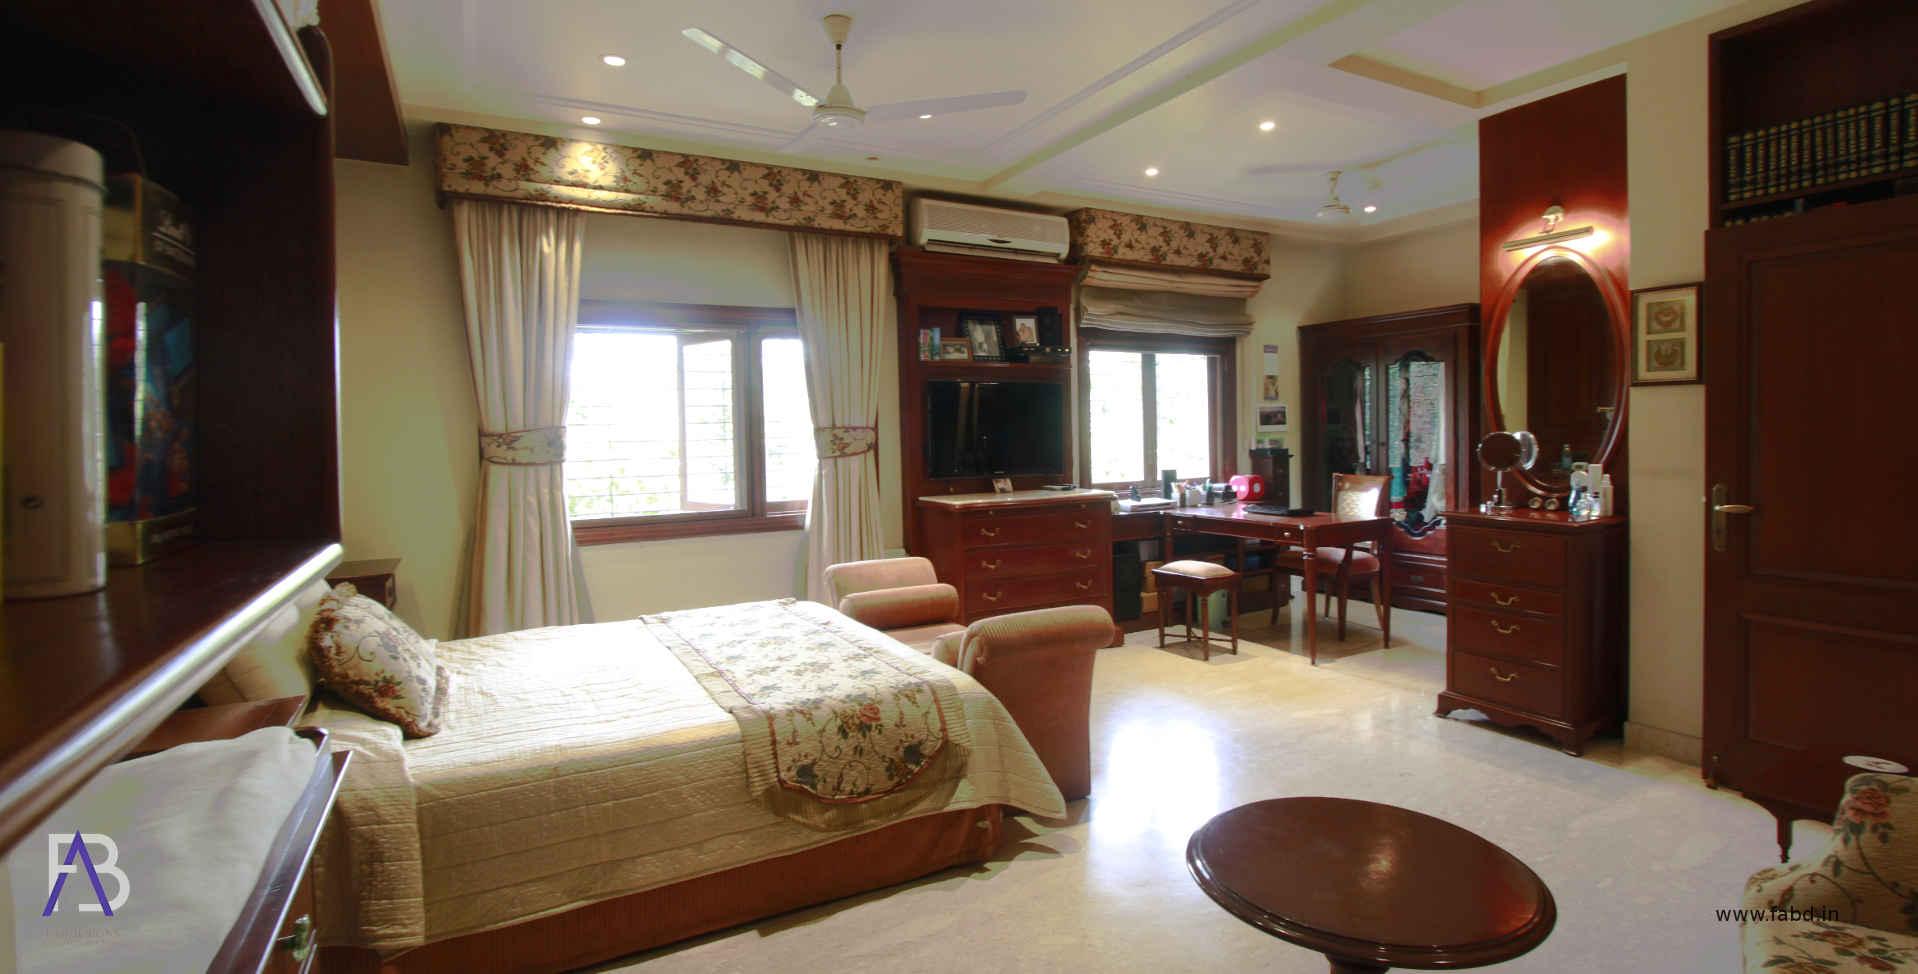 Bedroom Area View 02